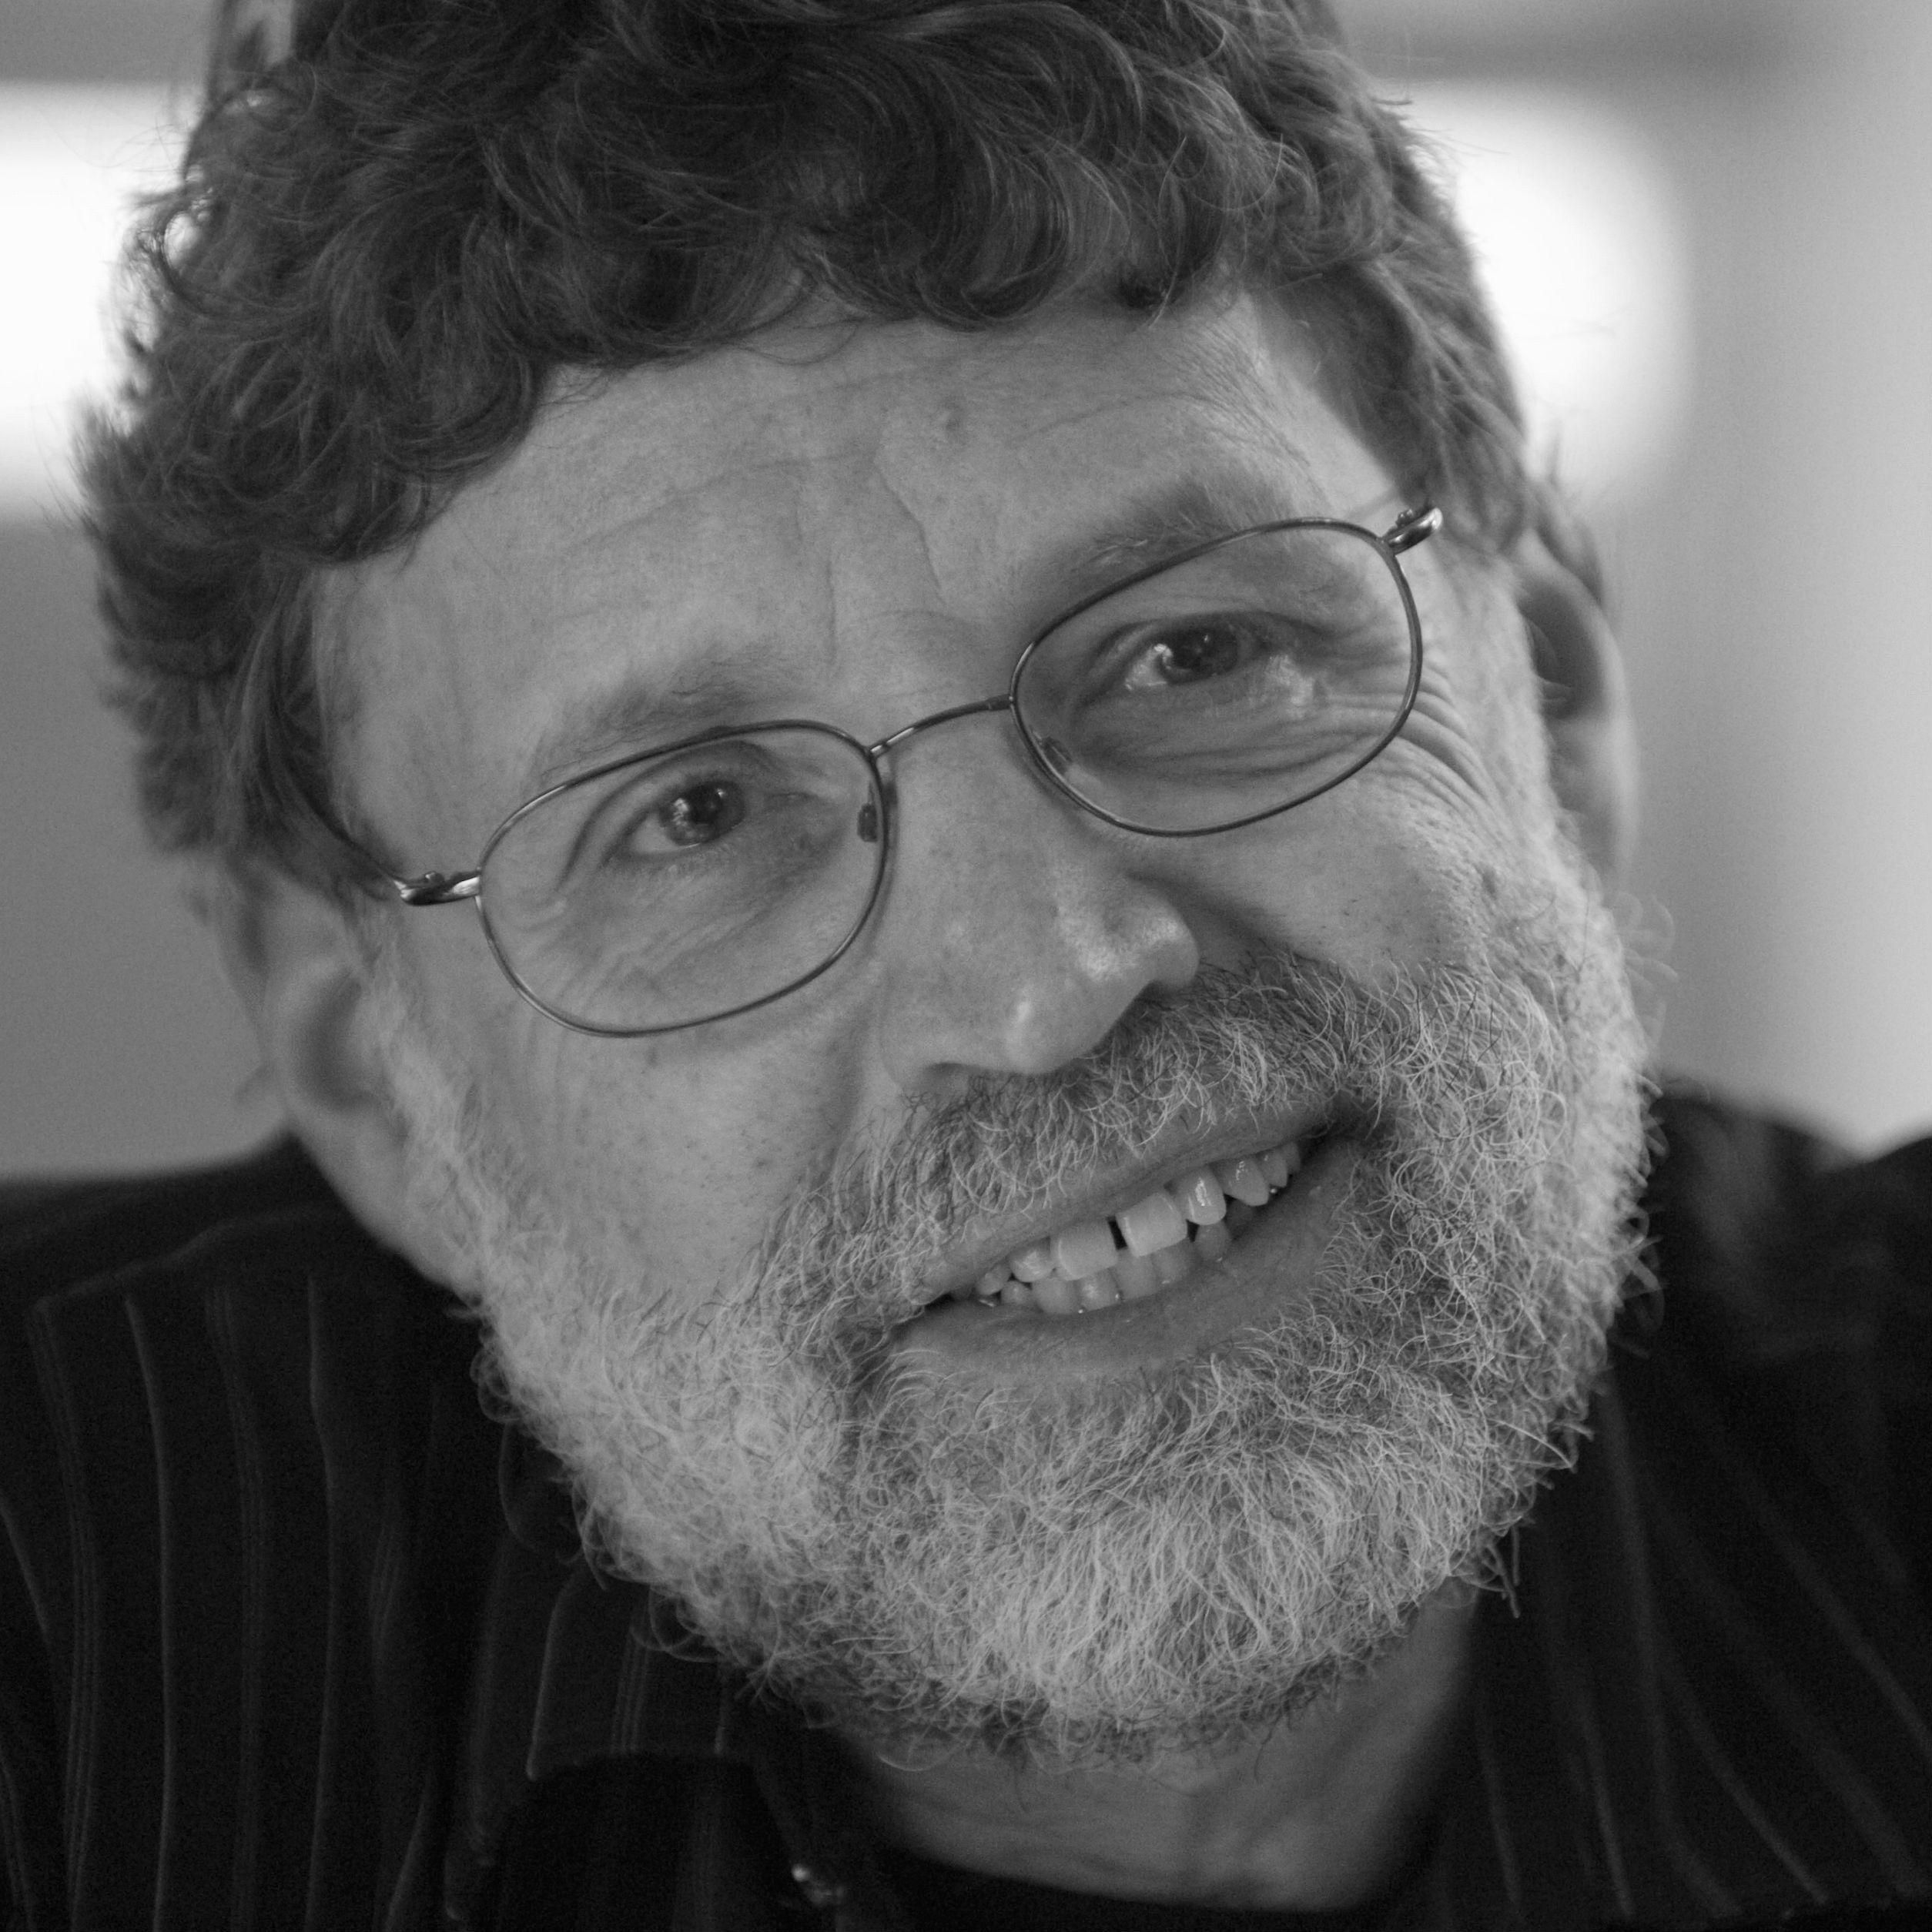 Joshua Meyrowitz